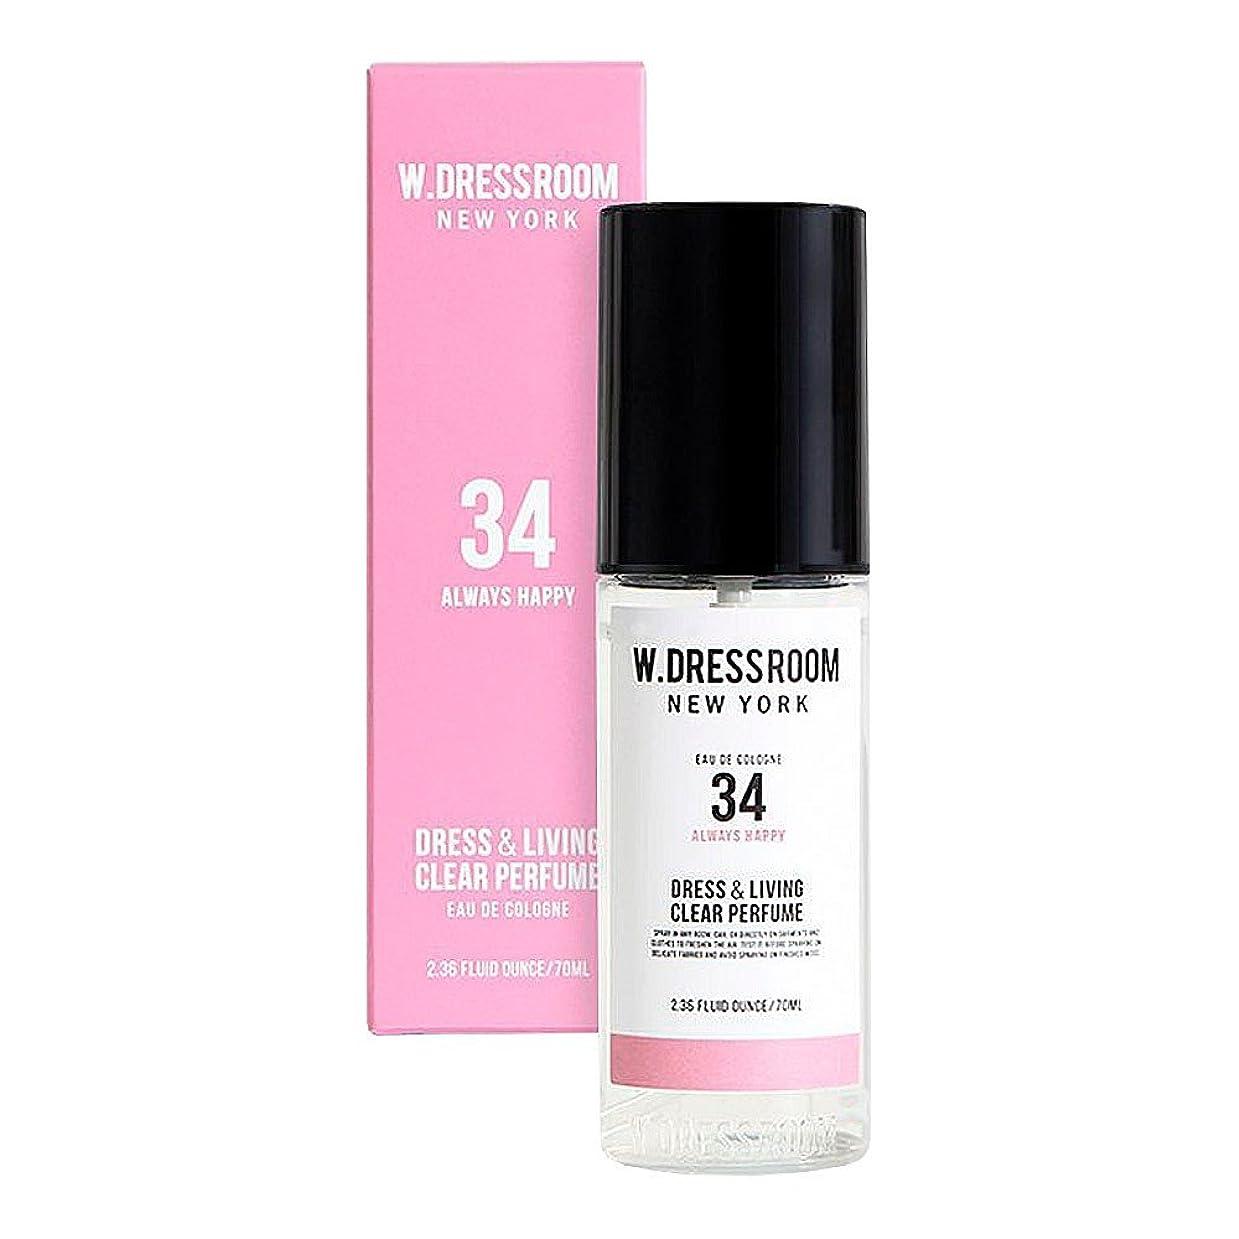 運命先子犬W.DRESSROOM Dress & Living Clear Perfume fragrance 70ml (#No.34 Always Happy)/ダブルドレスルーム ドレス&リビング クリア パフューム 70ml (#No.34 Always Happy)